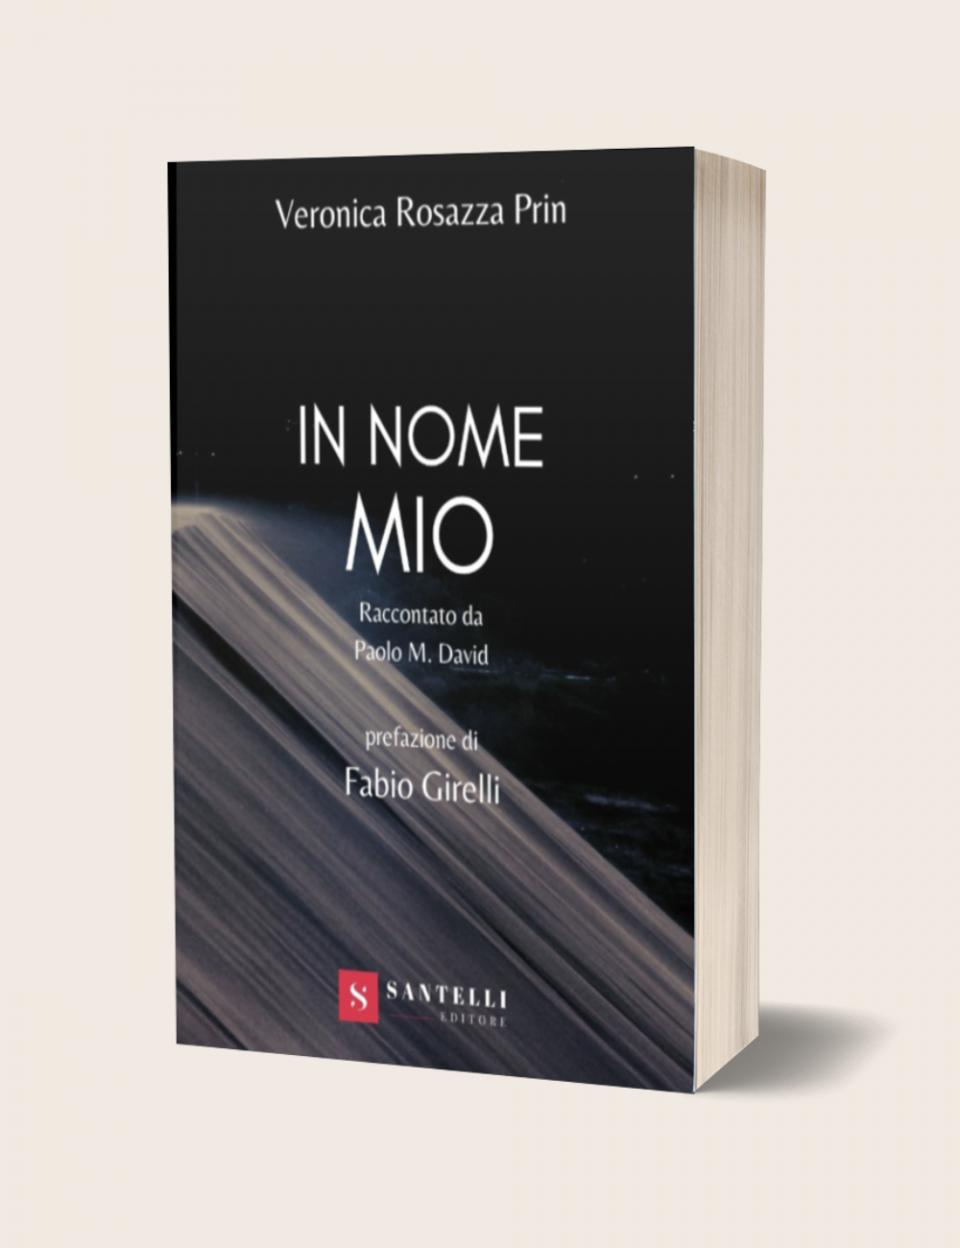 Copertina In nome mio, romanzo di Veronica Rosazza Prin